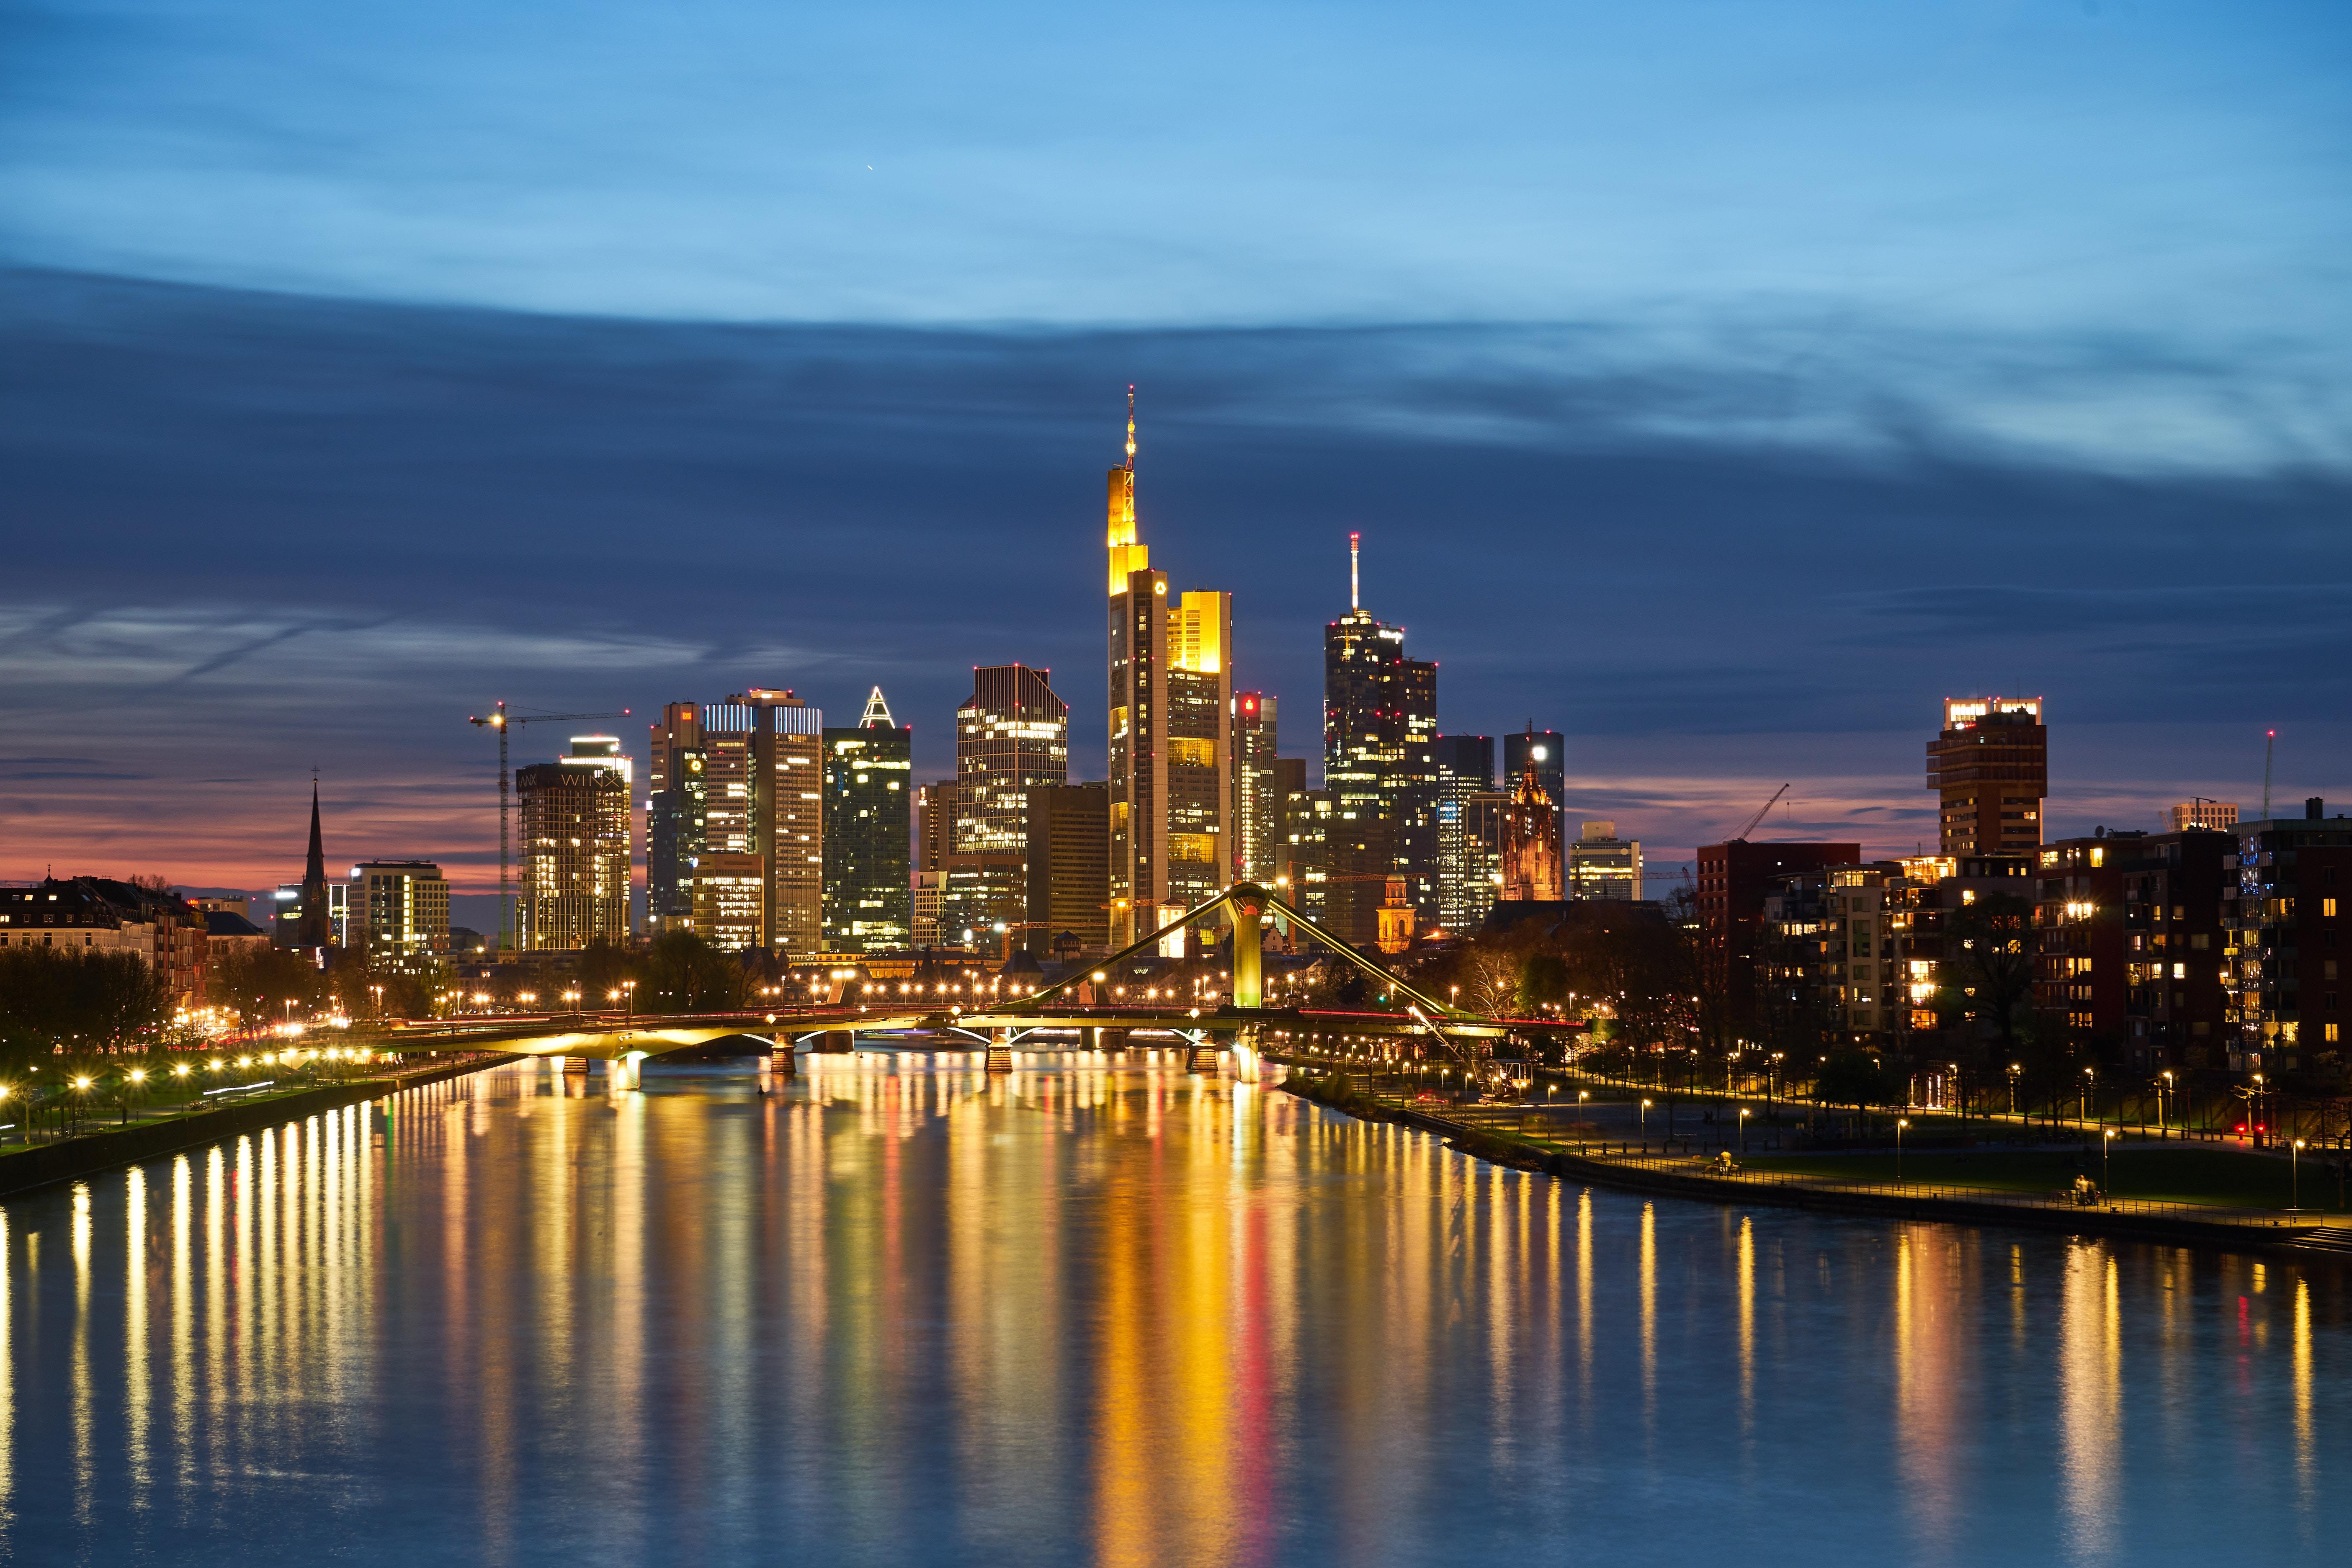 Städte- und Wellness-Trips: Ein Ratgeber - Franfurt_am_170926171809_imDL9n